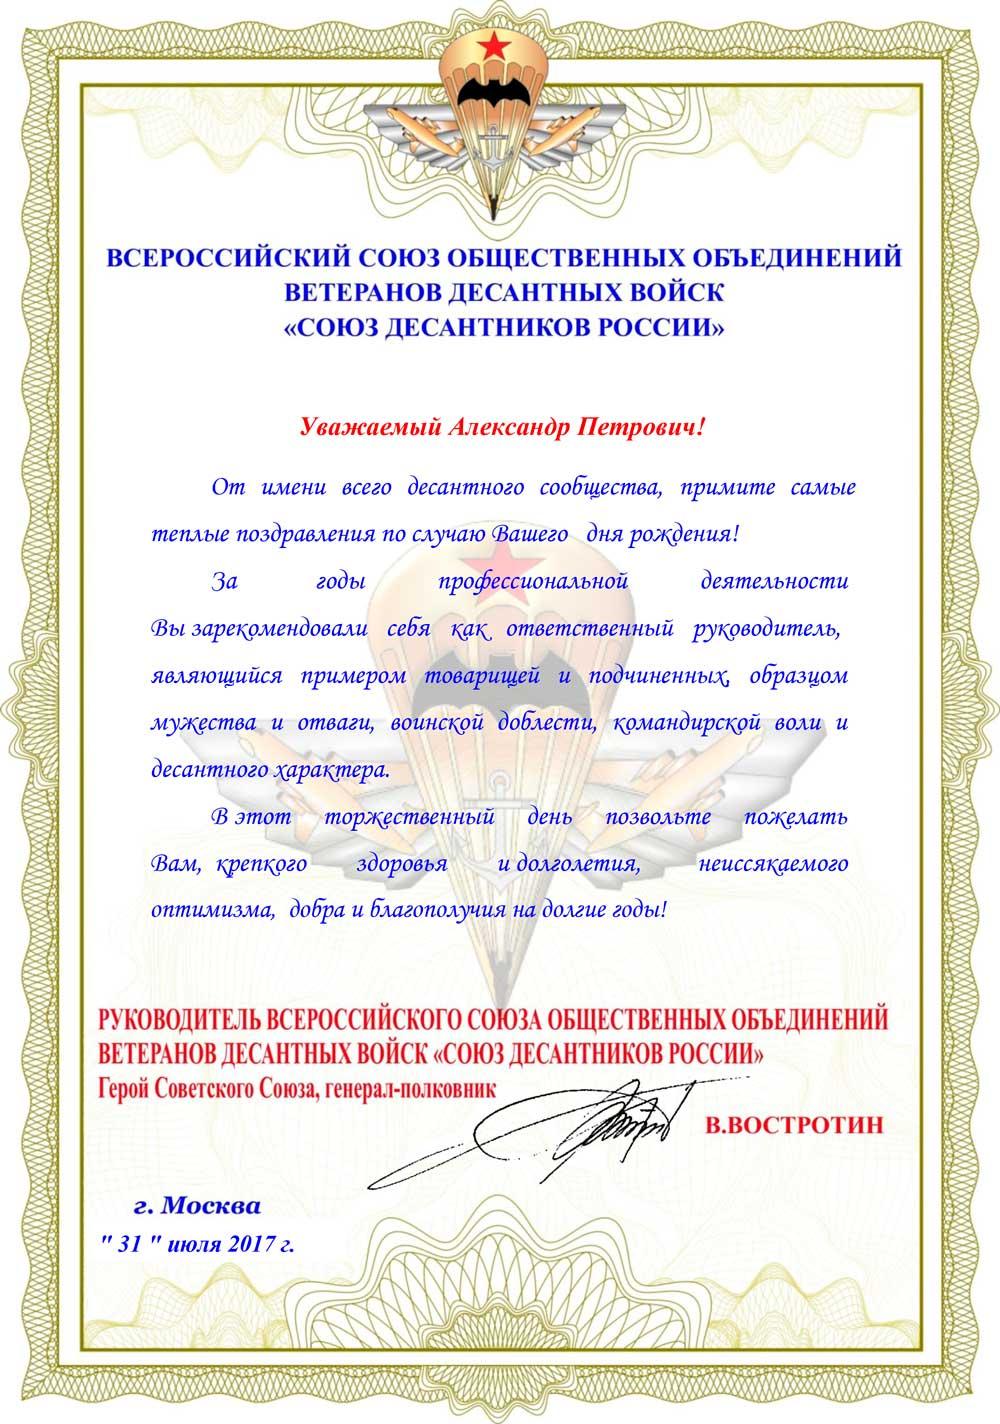 ПОЗДРАВЛЯЕМ С ДНЕМ РОЖДЕНИЯ КОЛМАКОВА АЛЕКСАНДРА ПЕТРОВИЧА!